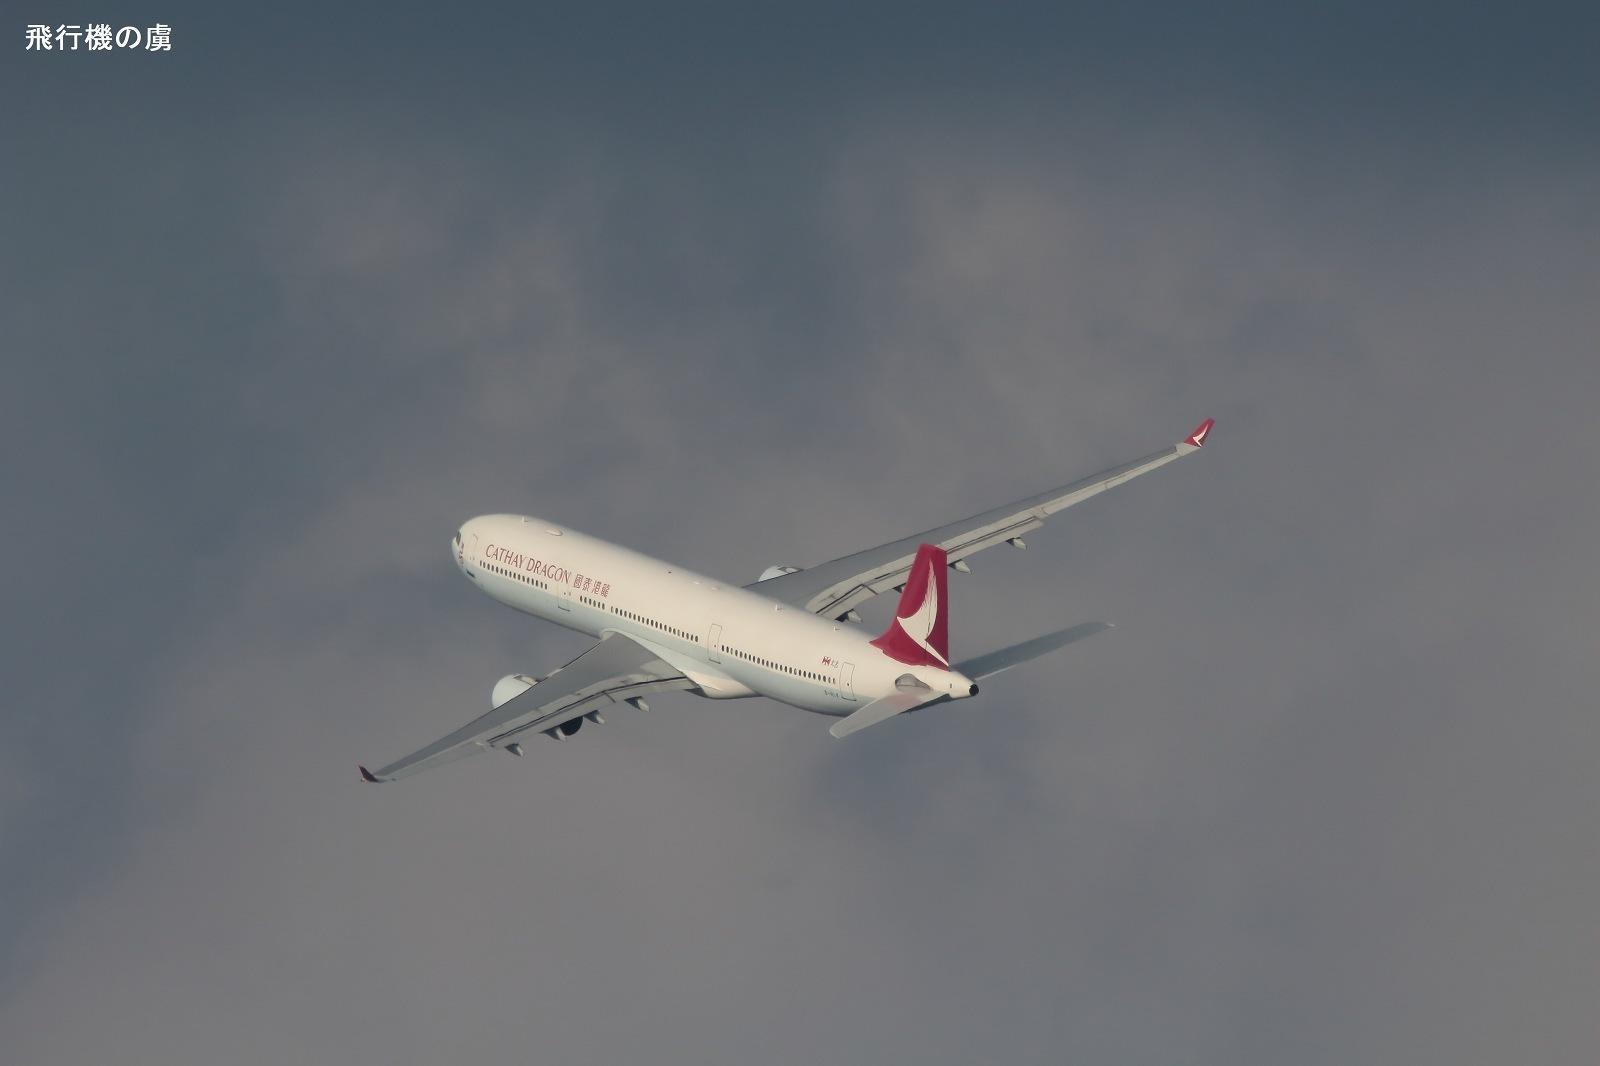 旋回  A330  キャセイドラゴン (KA)_b0313338_19472667.jpg